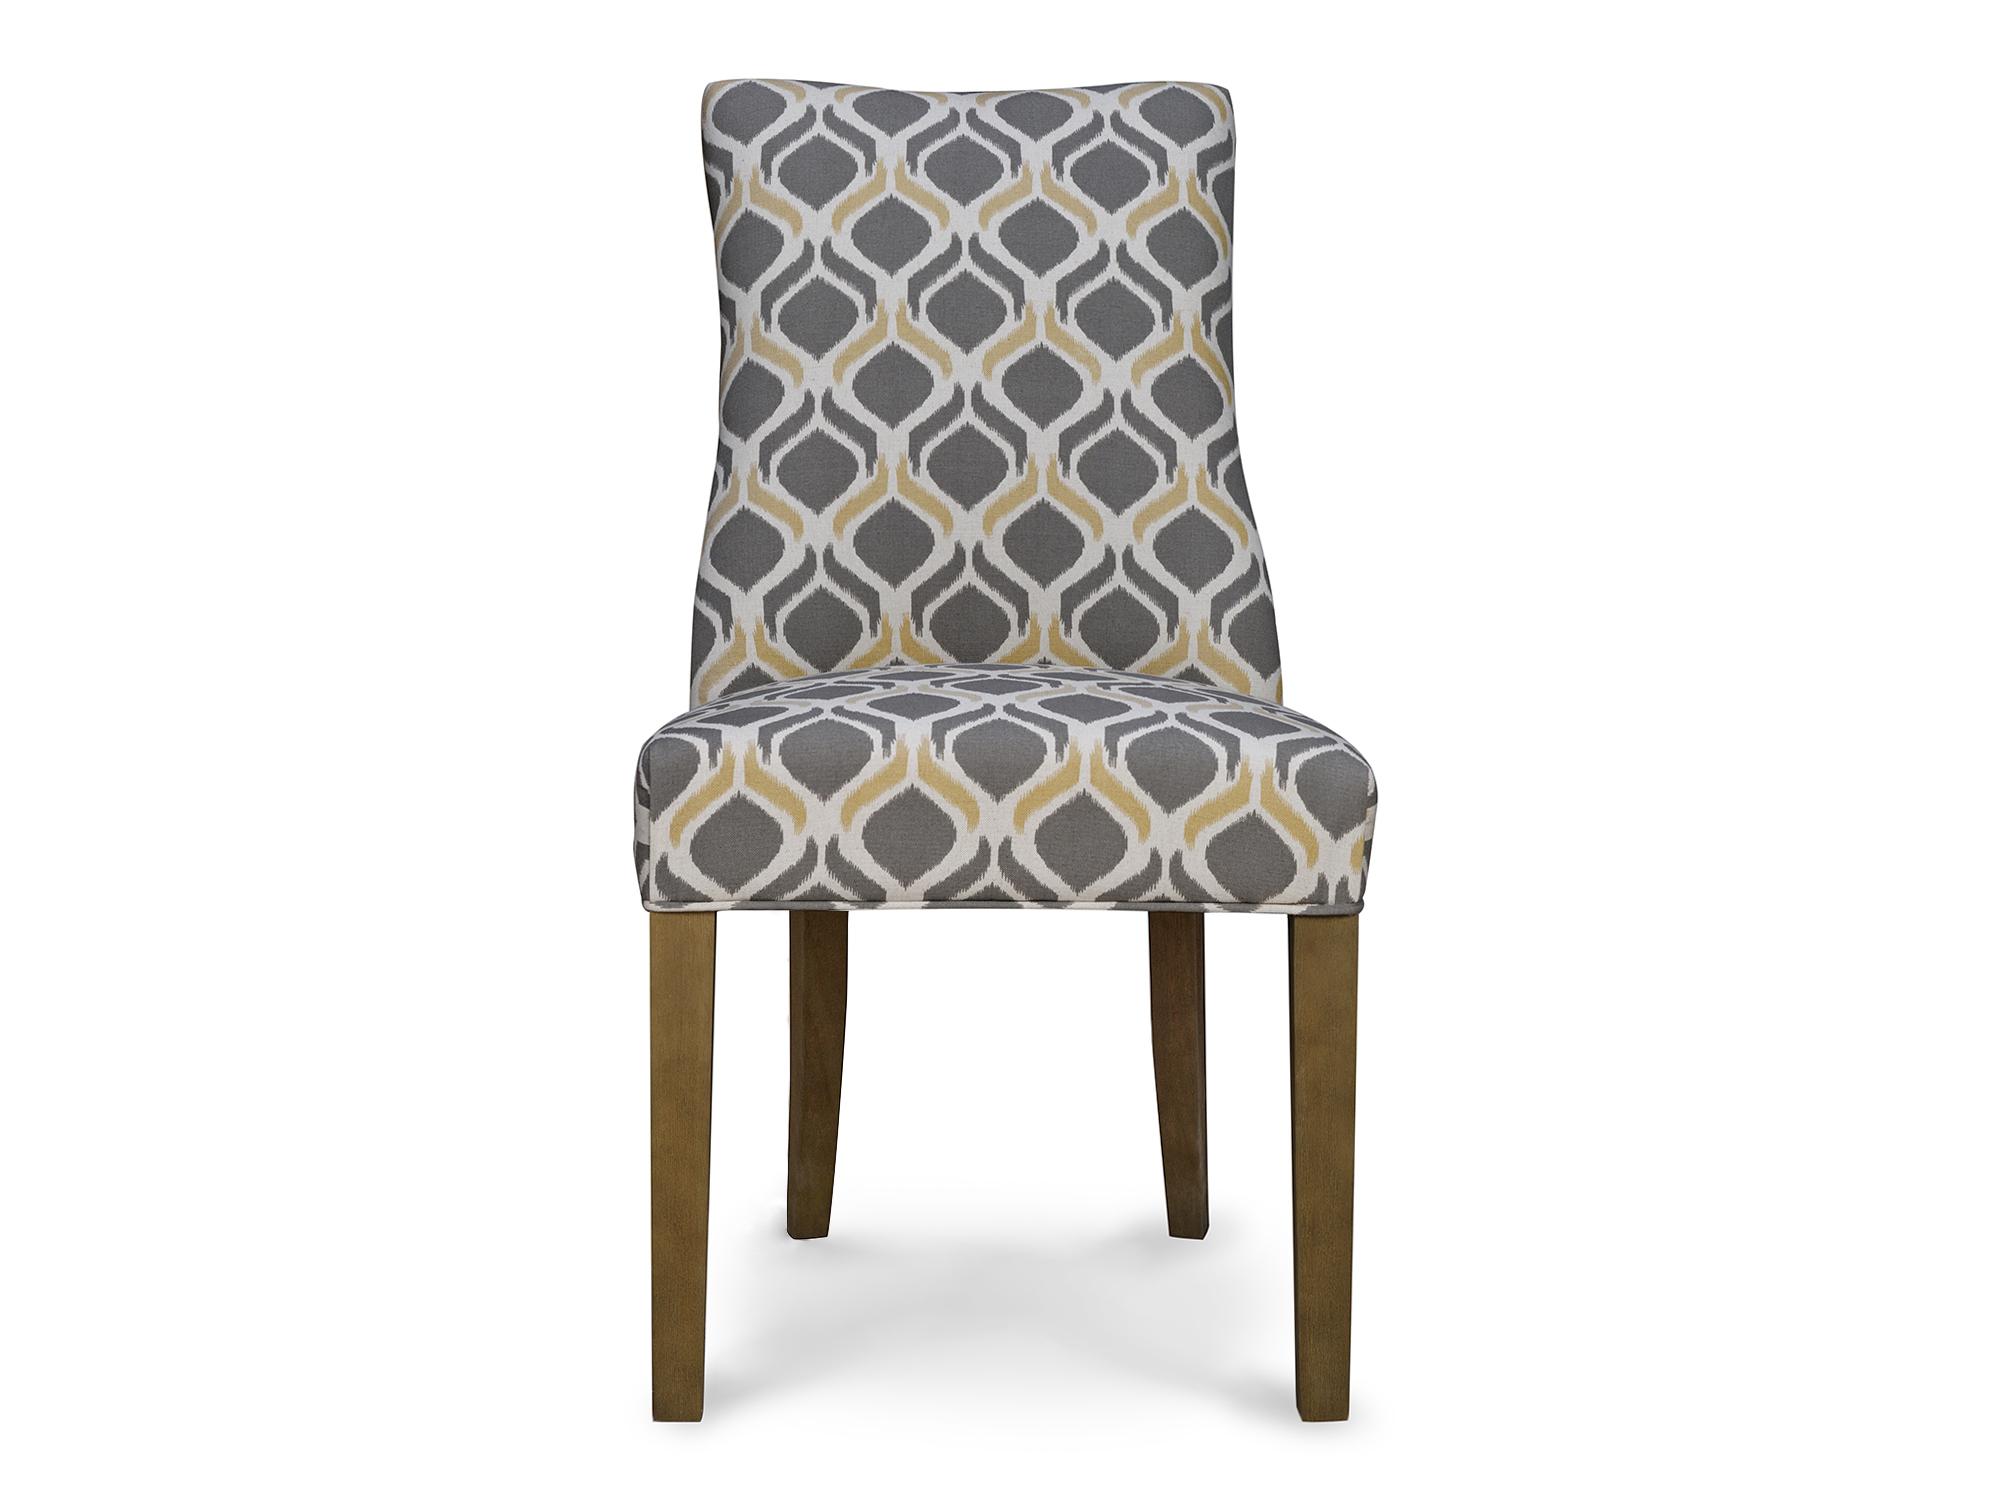 Стул Martin side сhairОбеденные стулья<br>&amp;quot;Martin Side Chair&amp;quot; ? идеальное дополнение для скандинавских интерьеров в эко-стиле. В оформлении этого стула присутствует все то, к чему тяготеет нордический дизайн. Естественная природная красота выражена в изящных деревянных ножках, а сдержанная строгость и холодность ? в серо-белой гамме текстильной обивки. Тепла и света в современном силуэте тоже хватает ? ненавязчивые желтые акценты придают оптимизм и завораживающую лучезарность противоречивому образу.<br><br>Material: Текстиль<br>Ширина см: 51<br>Высота см: 99<br>Глубина см: 67